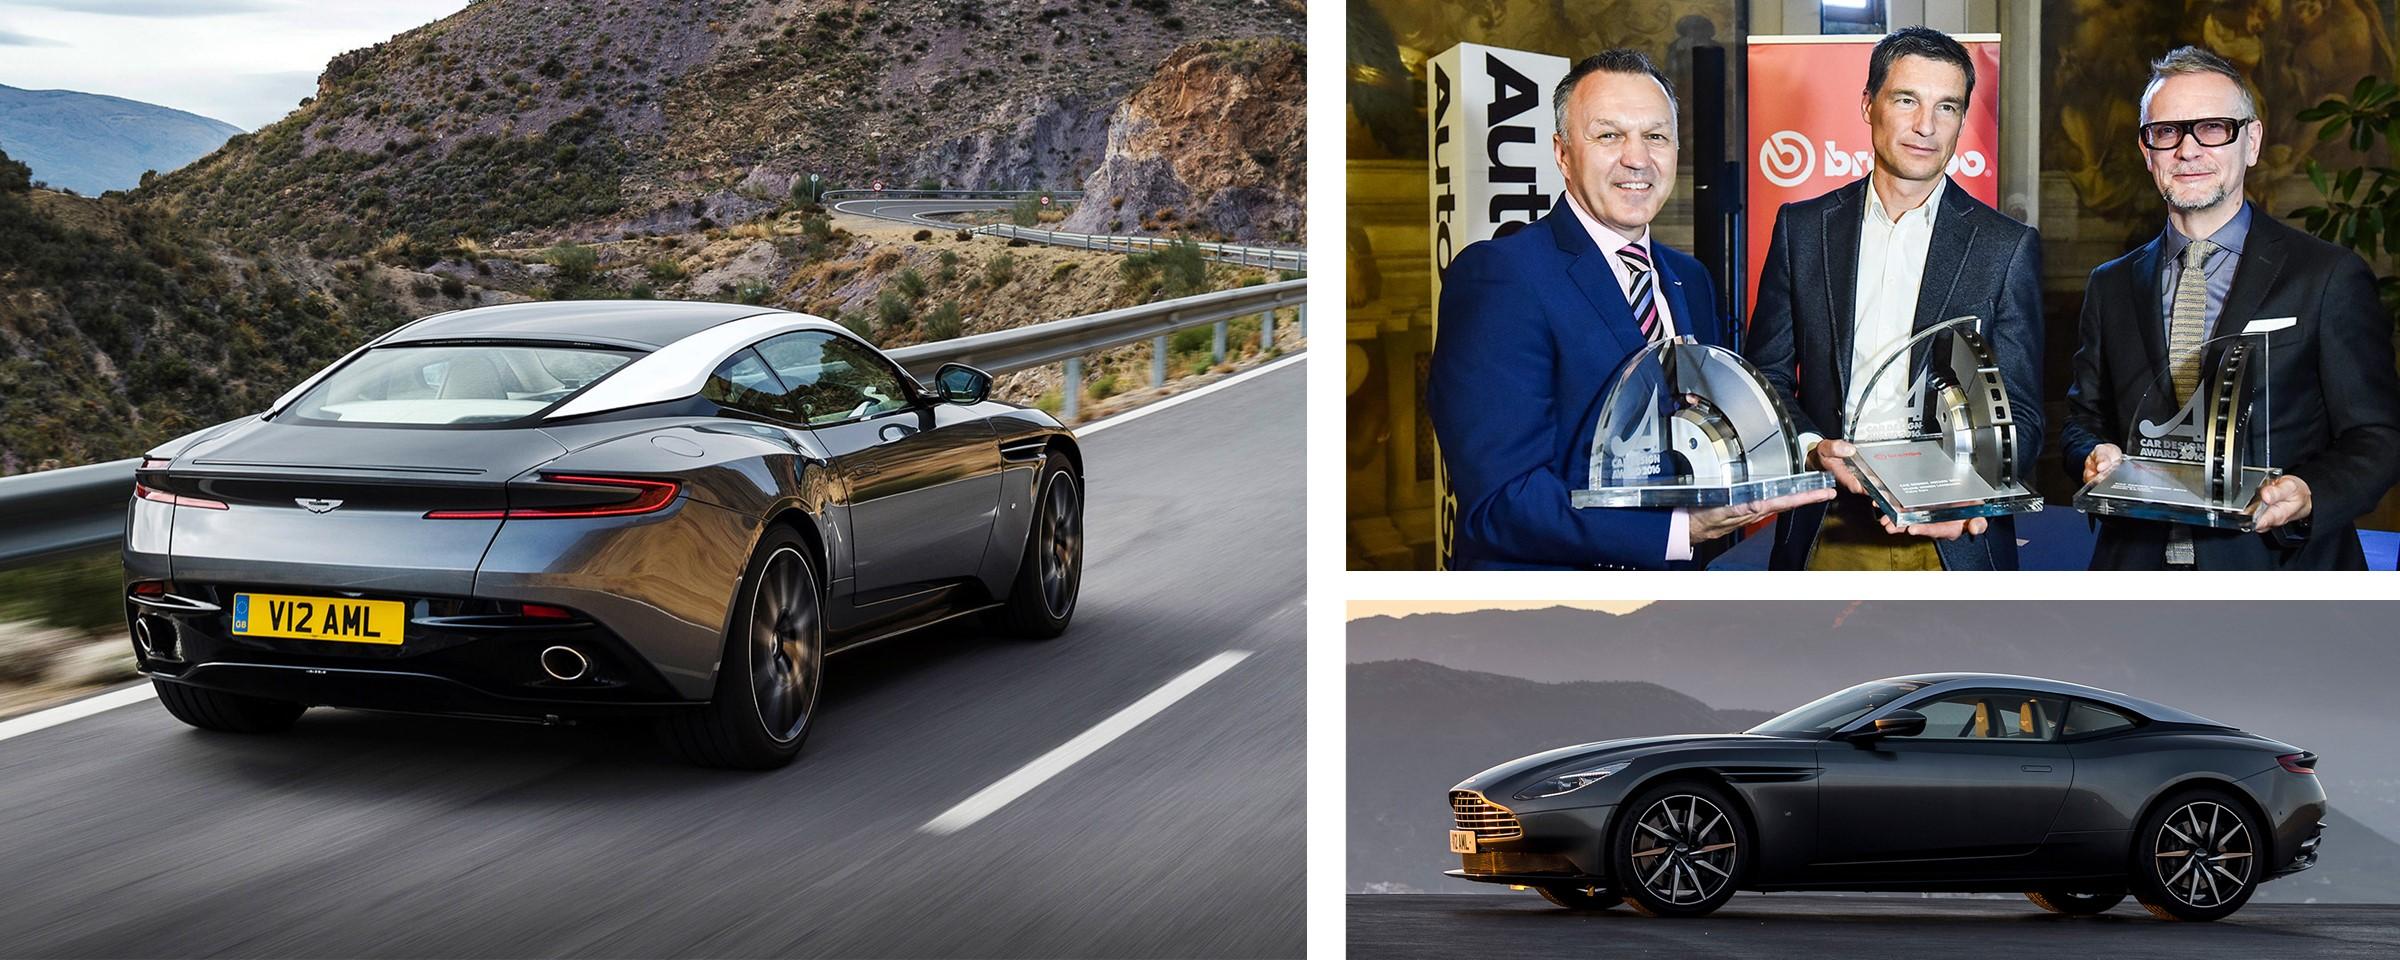 2016 DB11 Wins Award at Italian Auto Show - indiGO Auto Group Blog